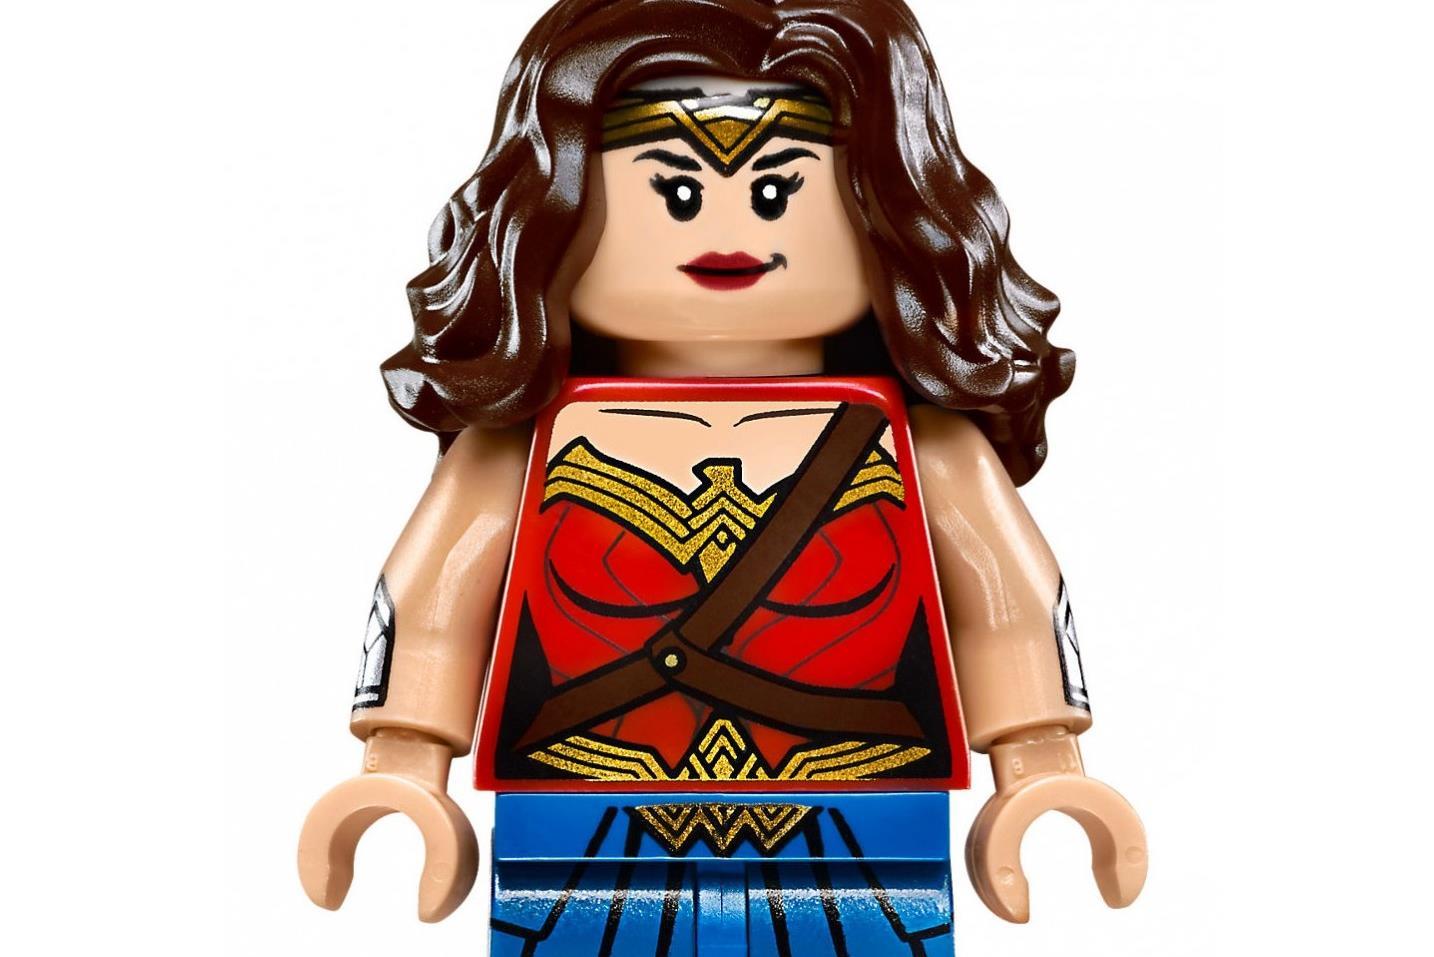 Figura de Mulher-Maravilha de uma caixa de Lego (29,99 euros)